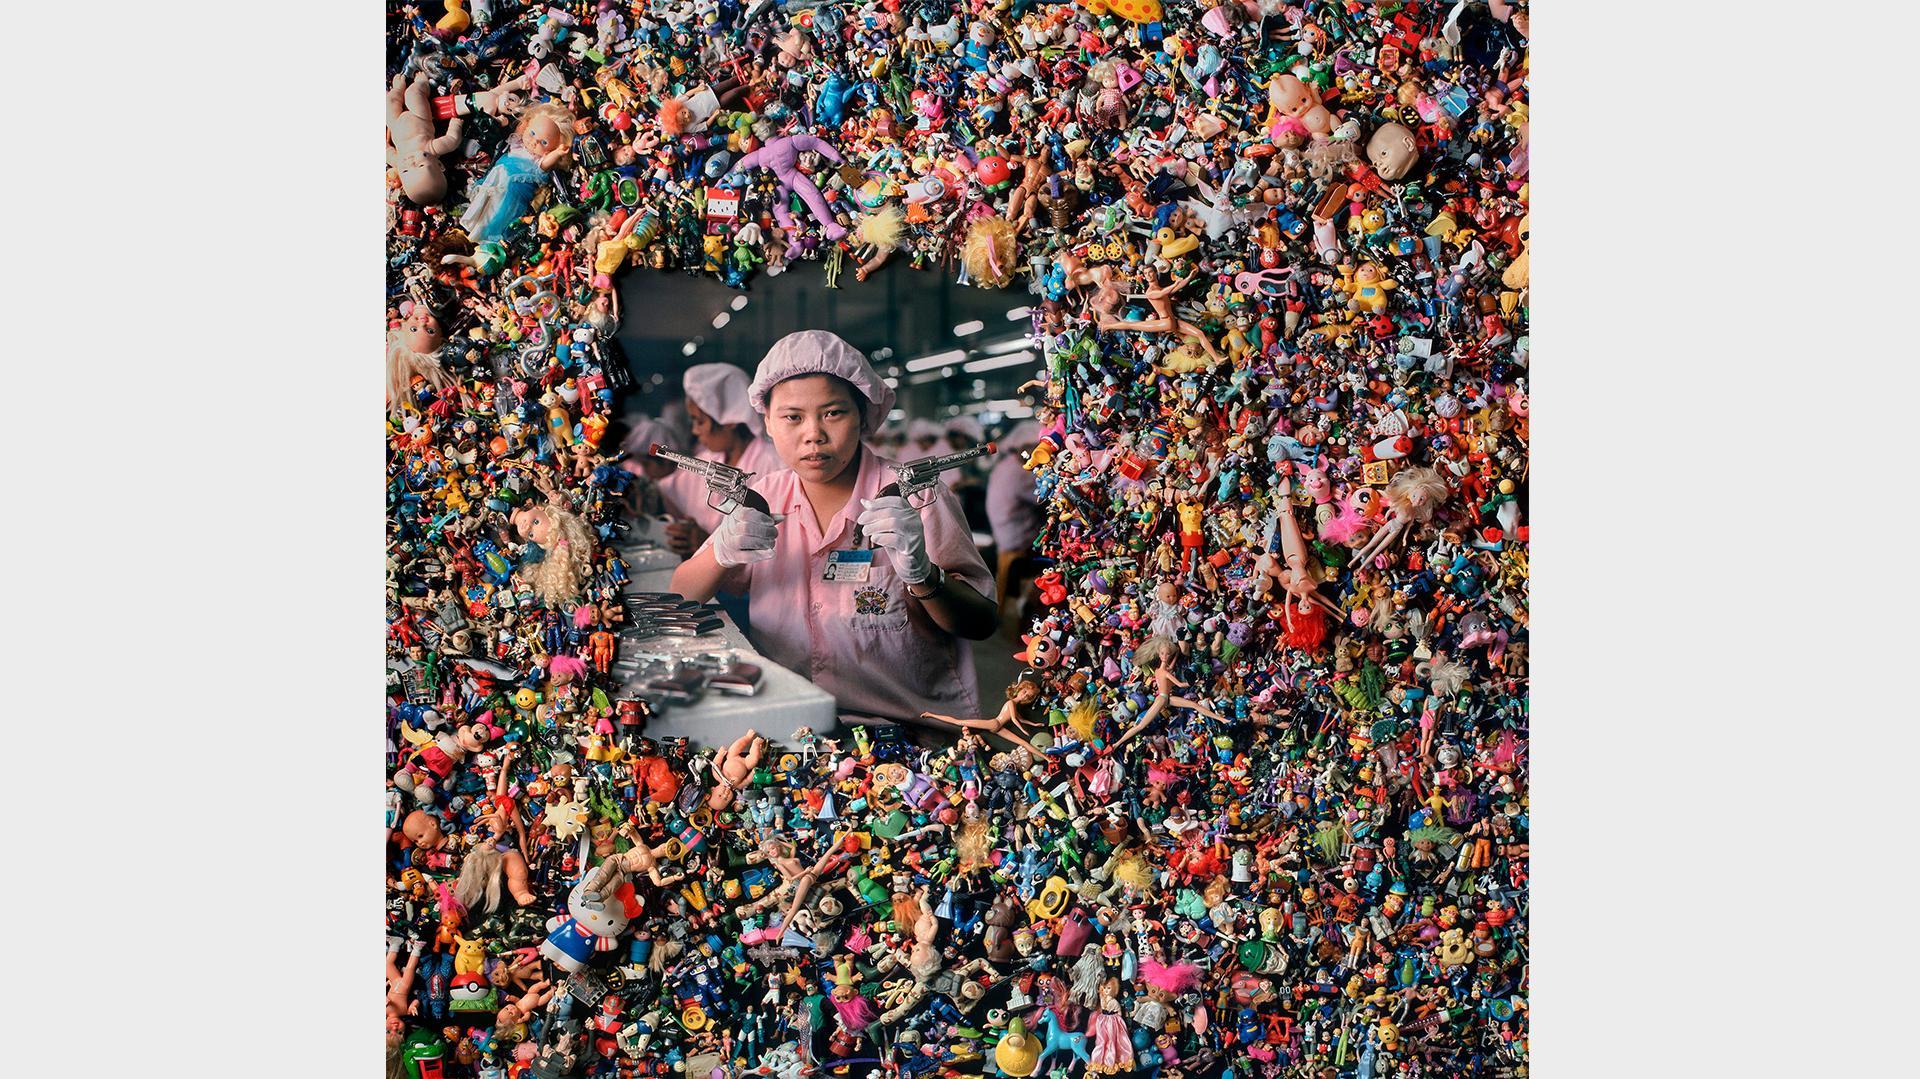 Ein Foto einer chinesischen Spielzeug-Fabrik-Arbeiterin umgeben von Unmengen an Plastik-Spielzeug